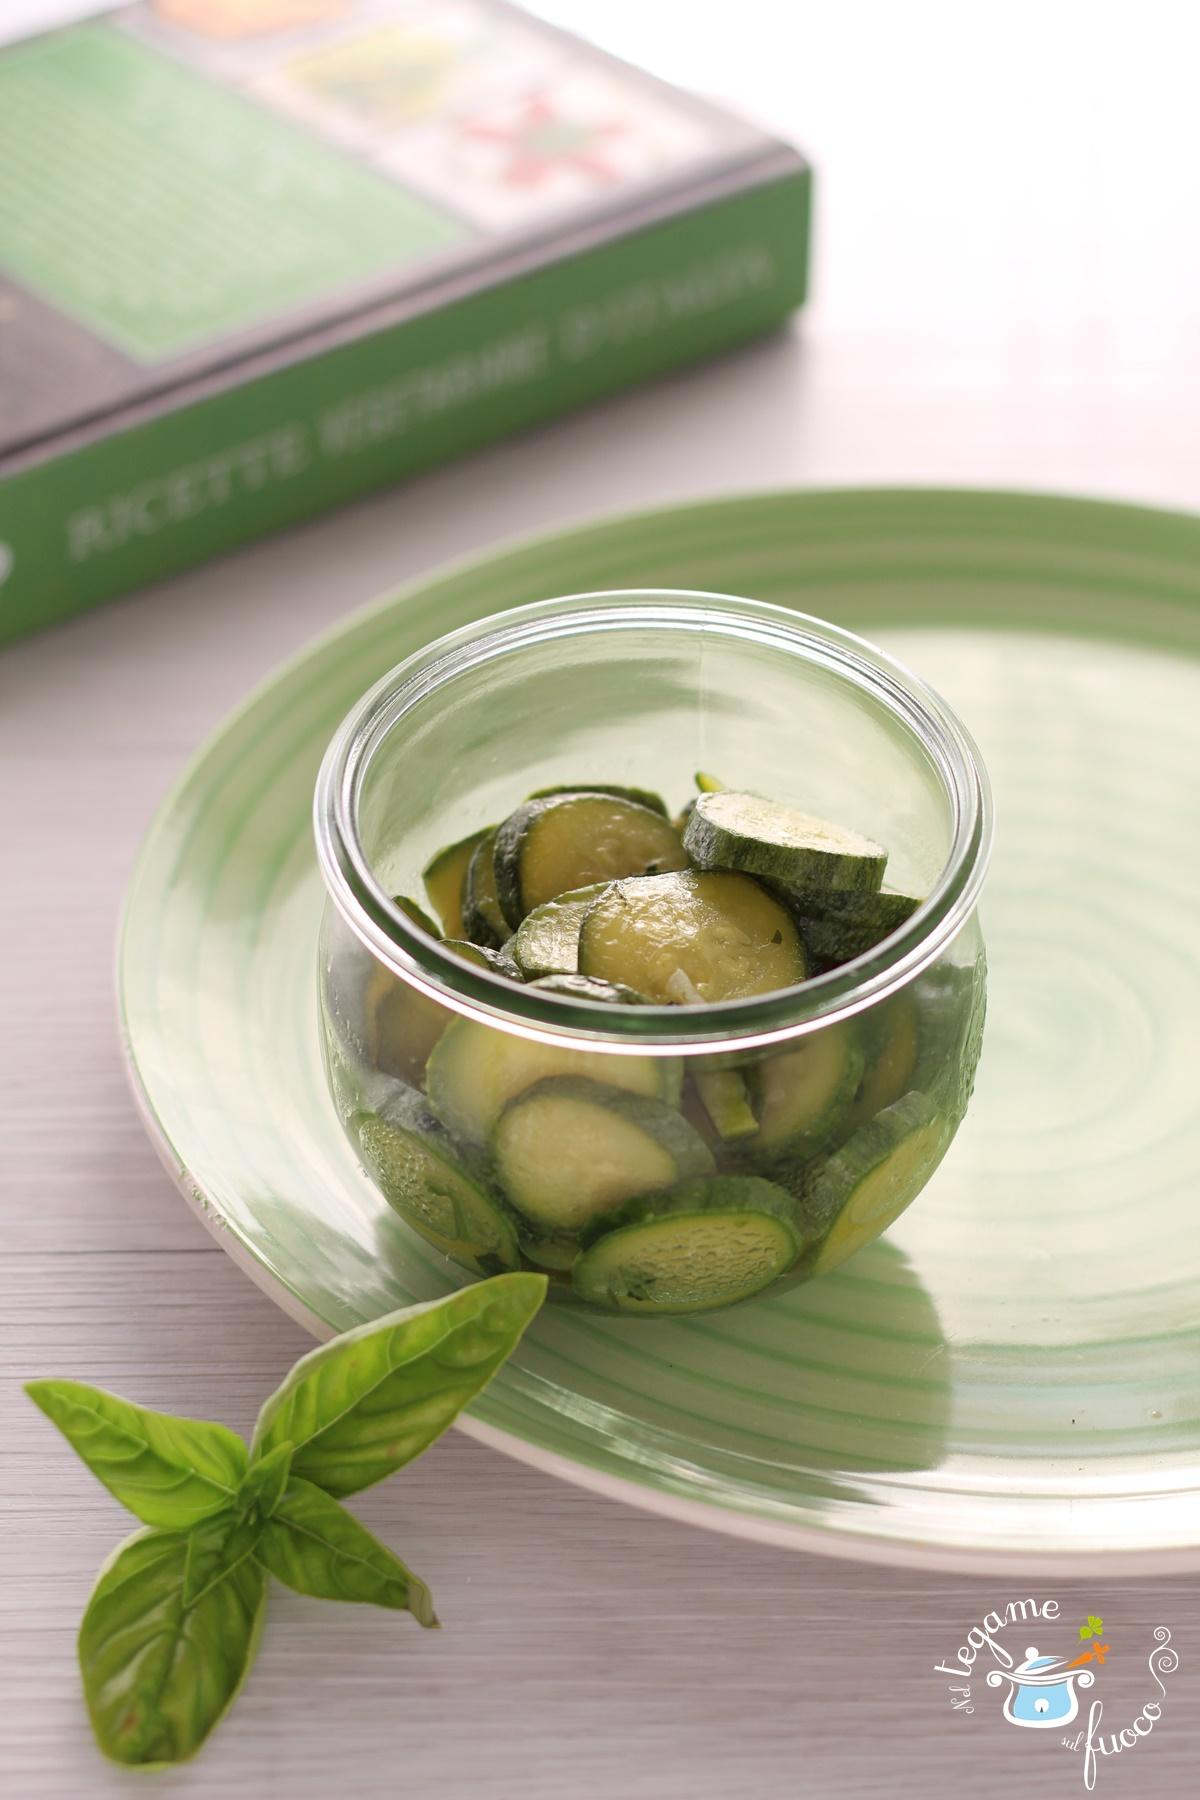 zucchine trifolate in vasocottura